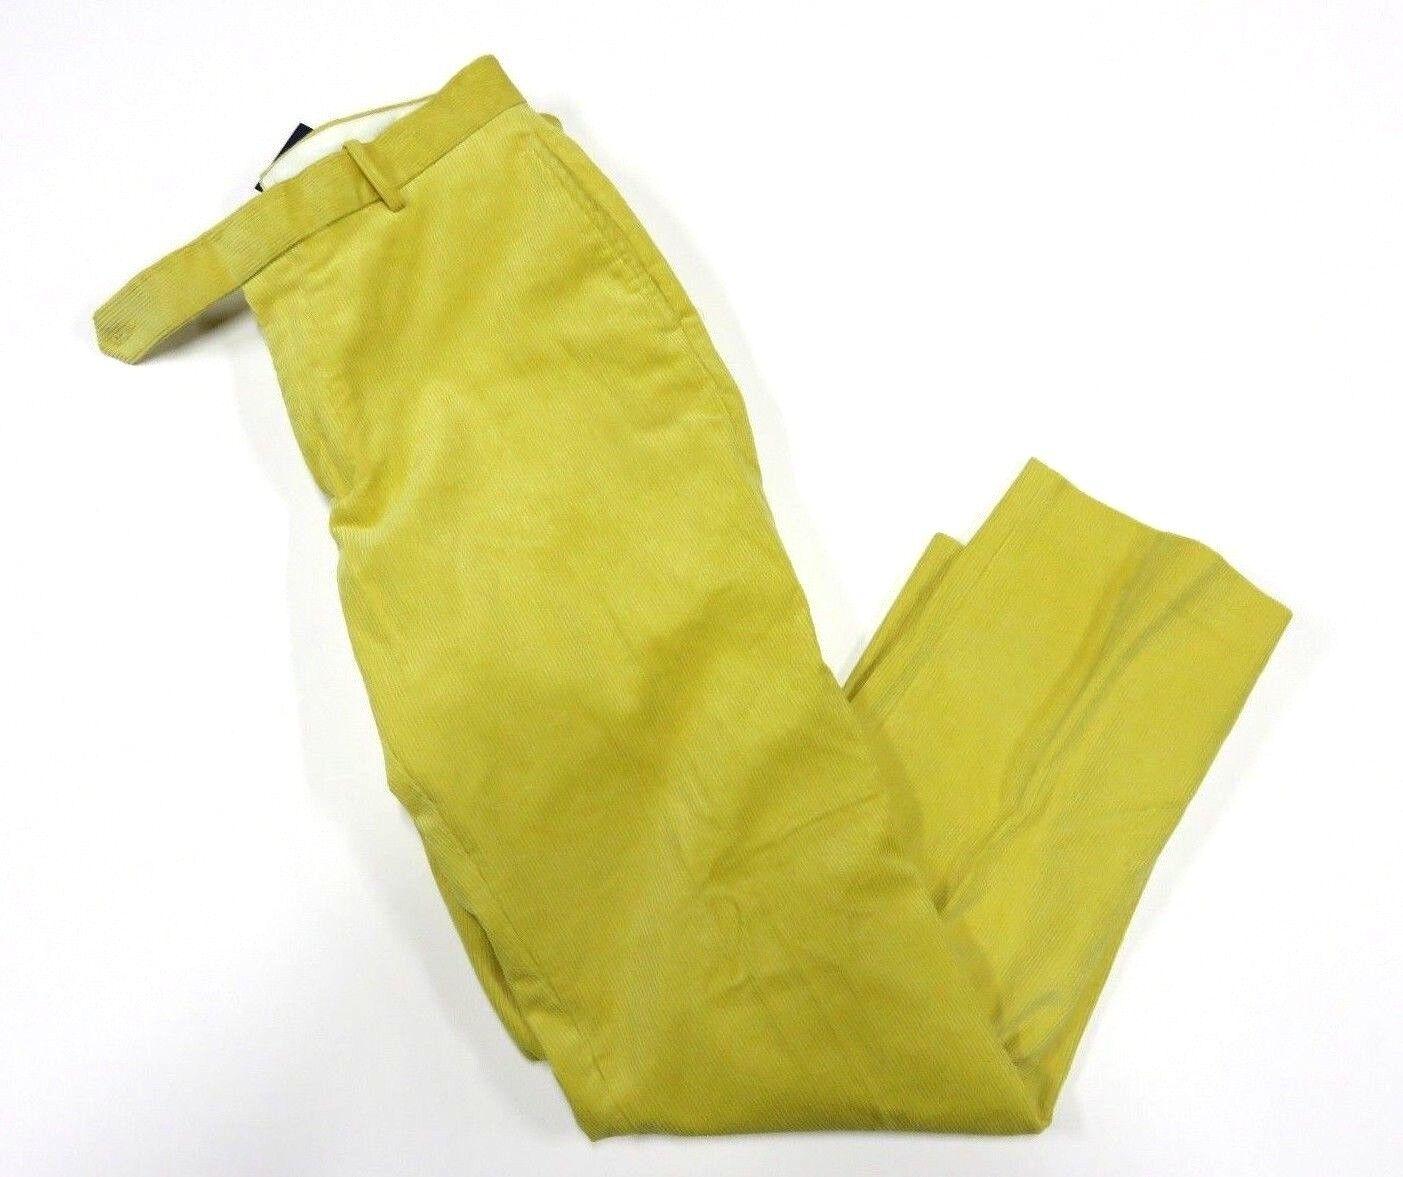 Nuevo  con etiquetas Polo By Ralph Lauren Amarillo Pantalones de pana para hombre Talla w32 L32  los clientes primero